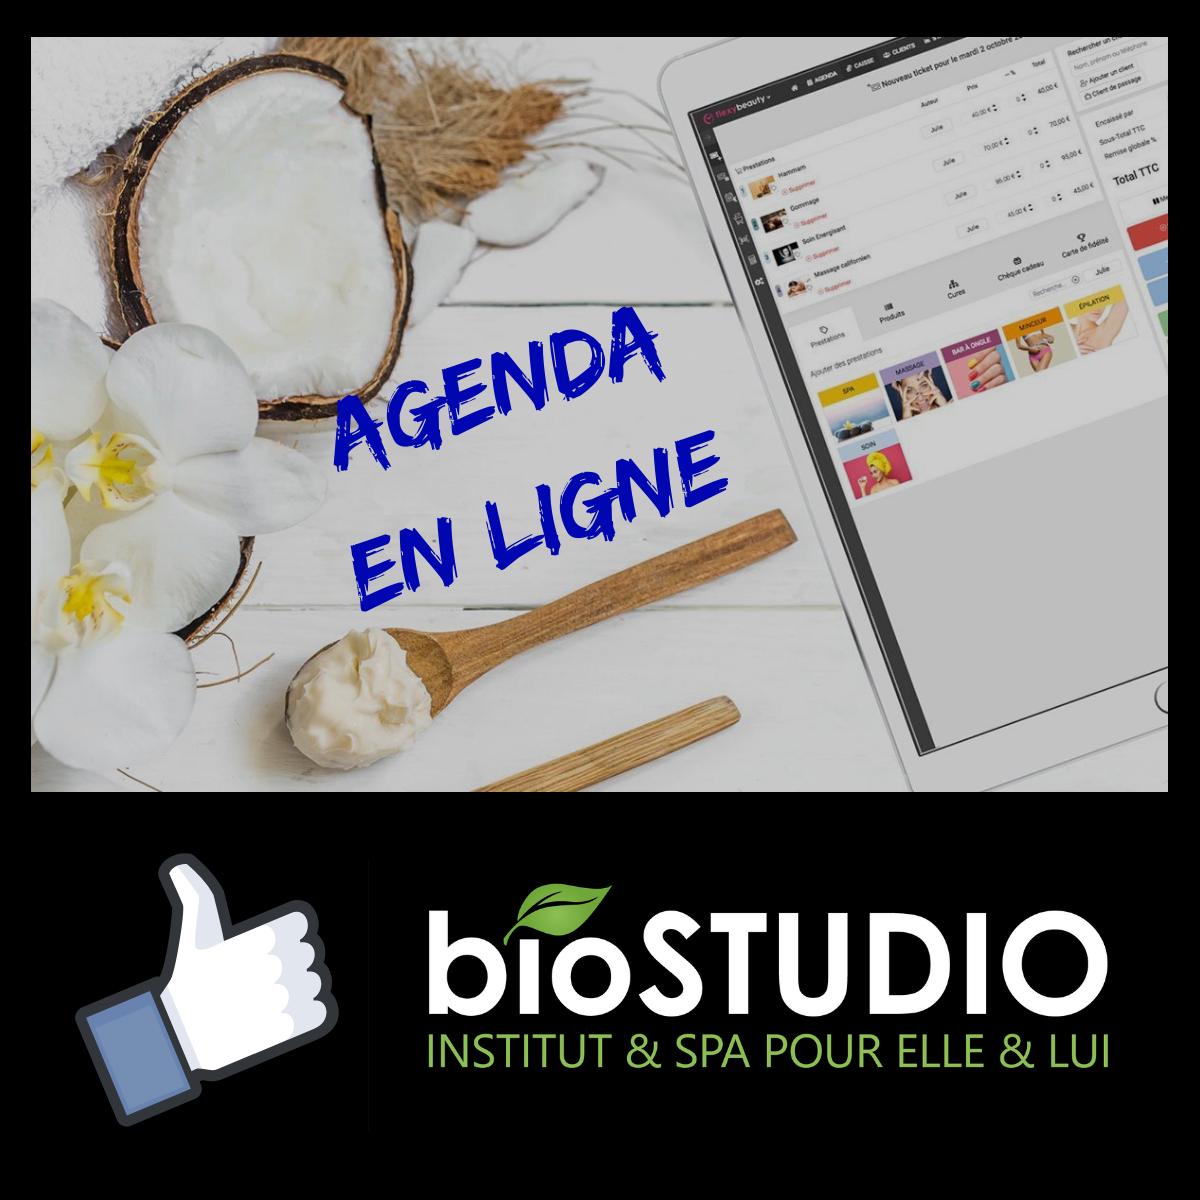 Agenda en ligne le 3 décembre 2018 - BioStudio institut de beauté pour lui et pour elle à Dijon